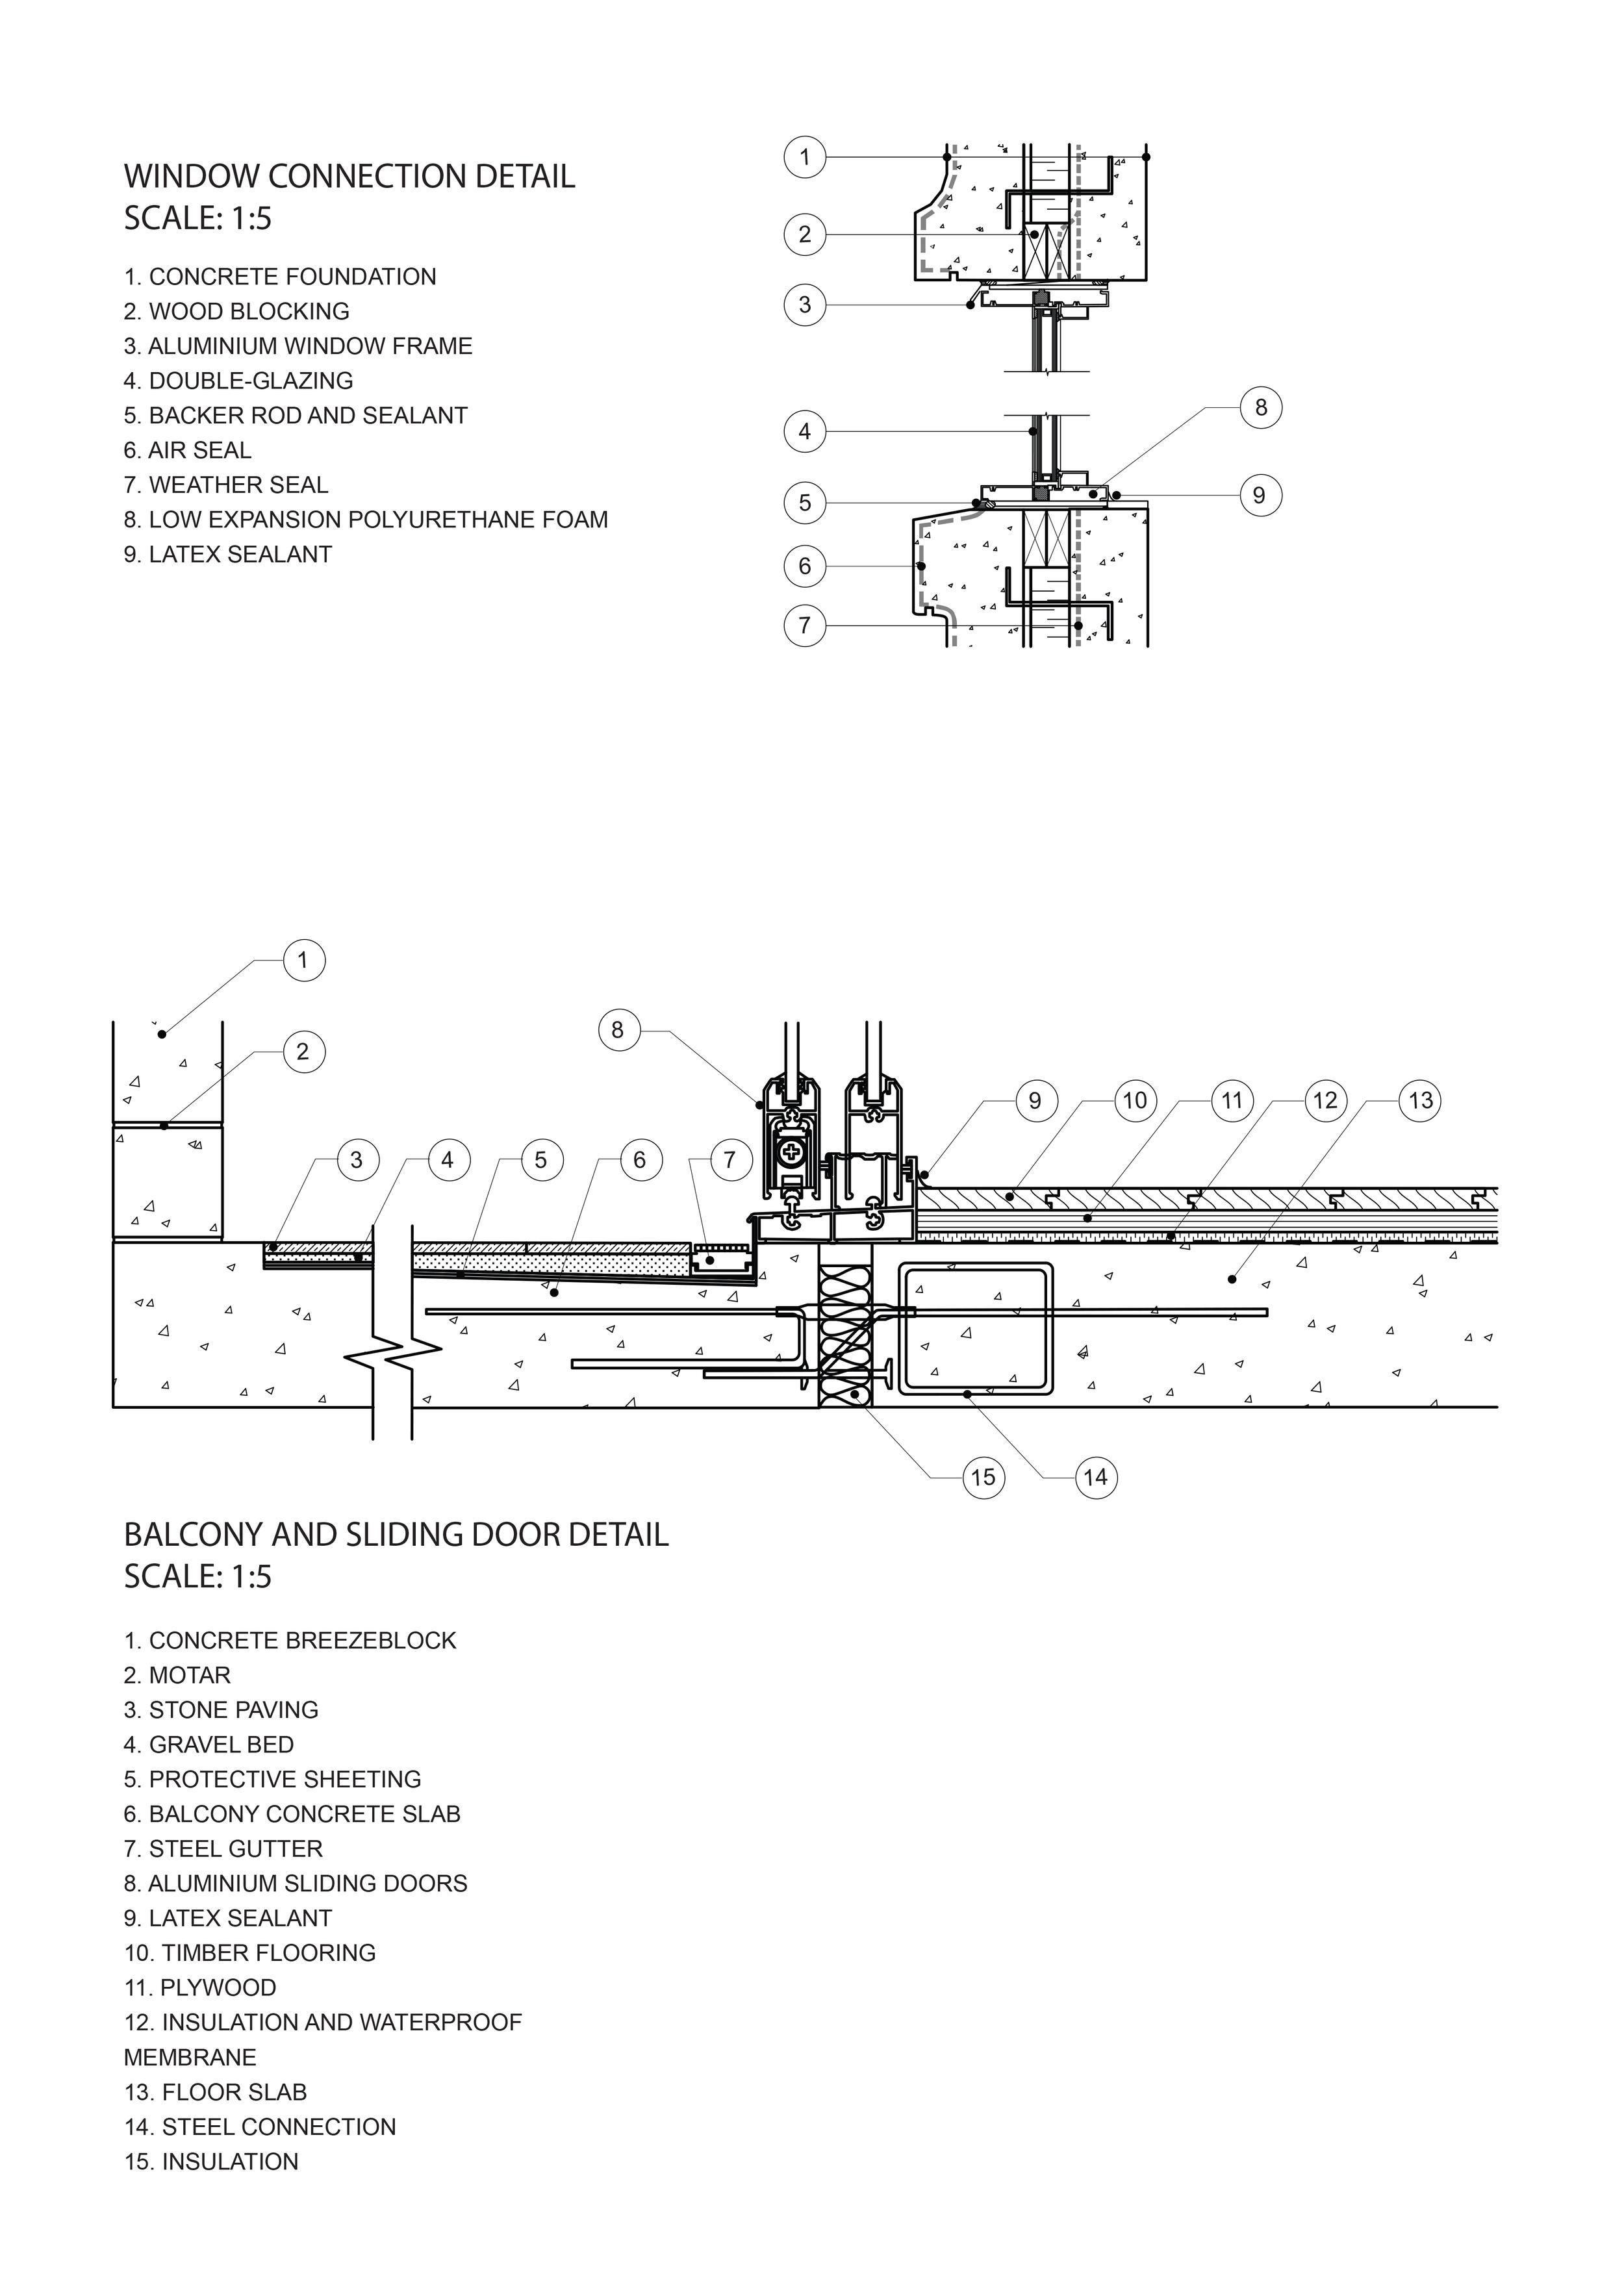 concrete balcony detail CONSTRUCTION 4mLs